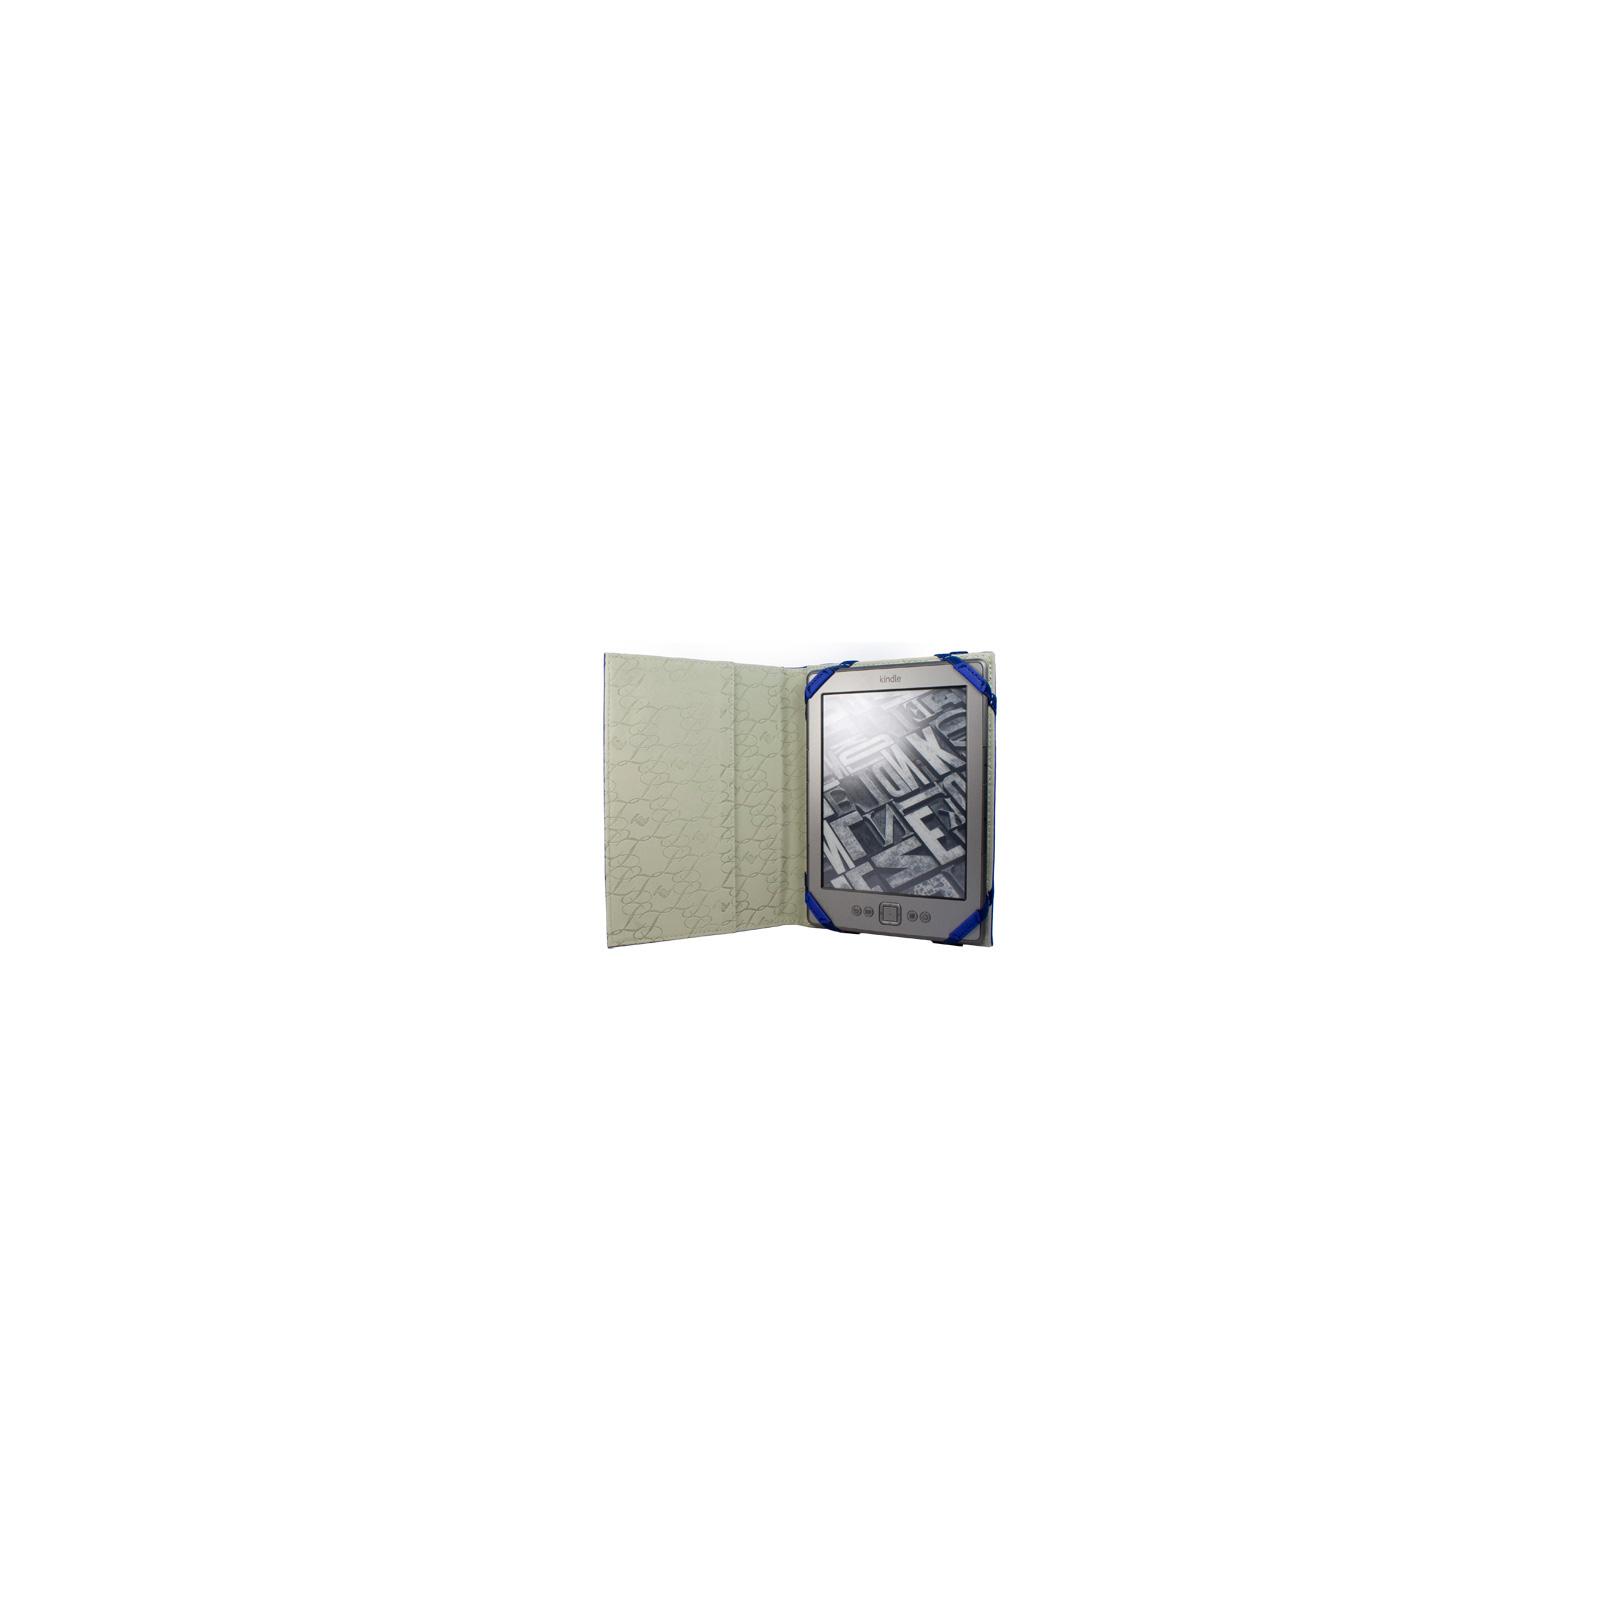 Чехол для электронной книги Tuff-Luv 6 Slim Book Sonic Blue (A12_4) изображение 2